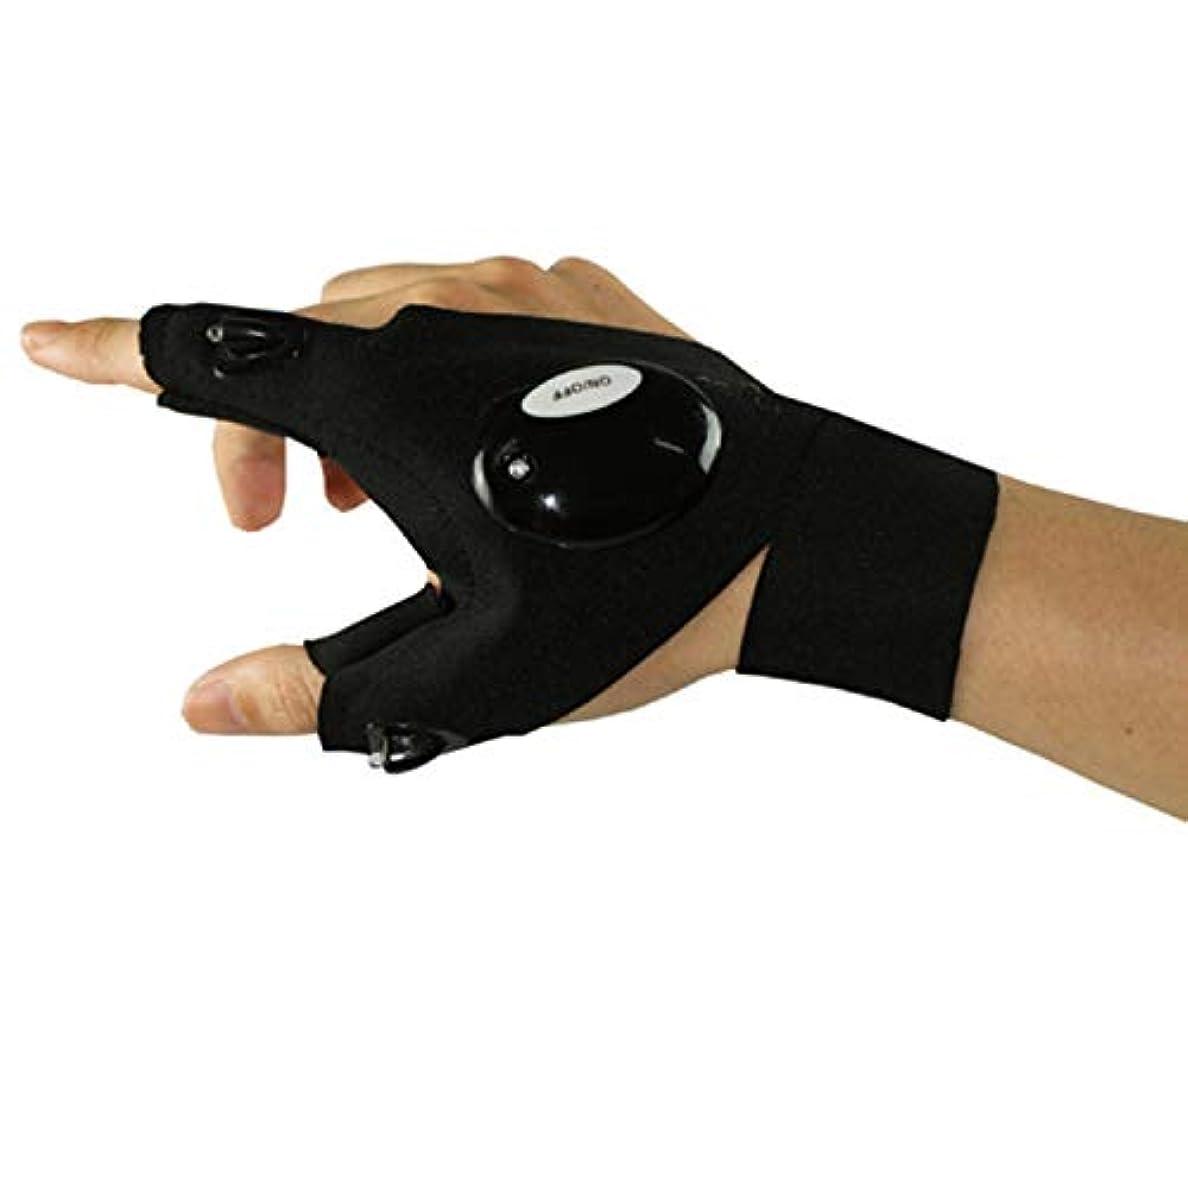 コークス写真を描く直感BAJIMI 手袋 グローブ レディース/メンズ ハンド ケア 実用的なアウトドアスポーツLEDグローブランニング固定スポットライト修理ランプ懐中電灯 裏起毛 おしゃれ 手触りが良い 運転 耐磨耗性 換気性